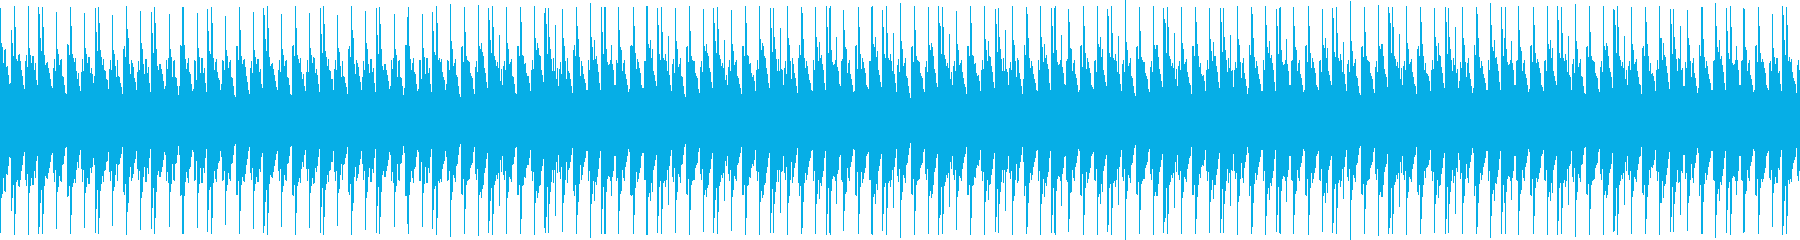 あえて音質に粗さを出したローファイテクノの再生済みの波形